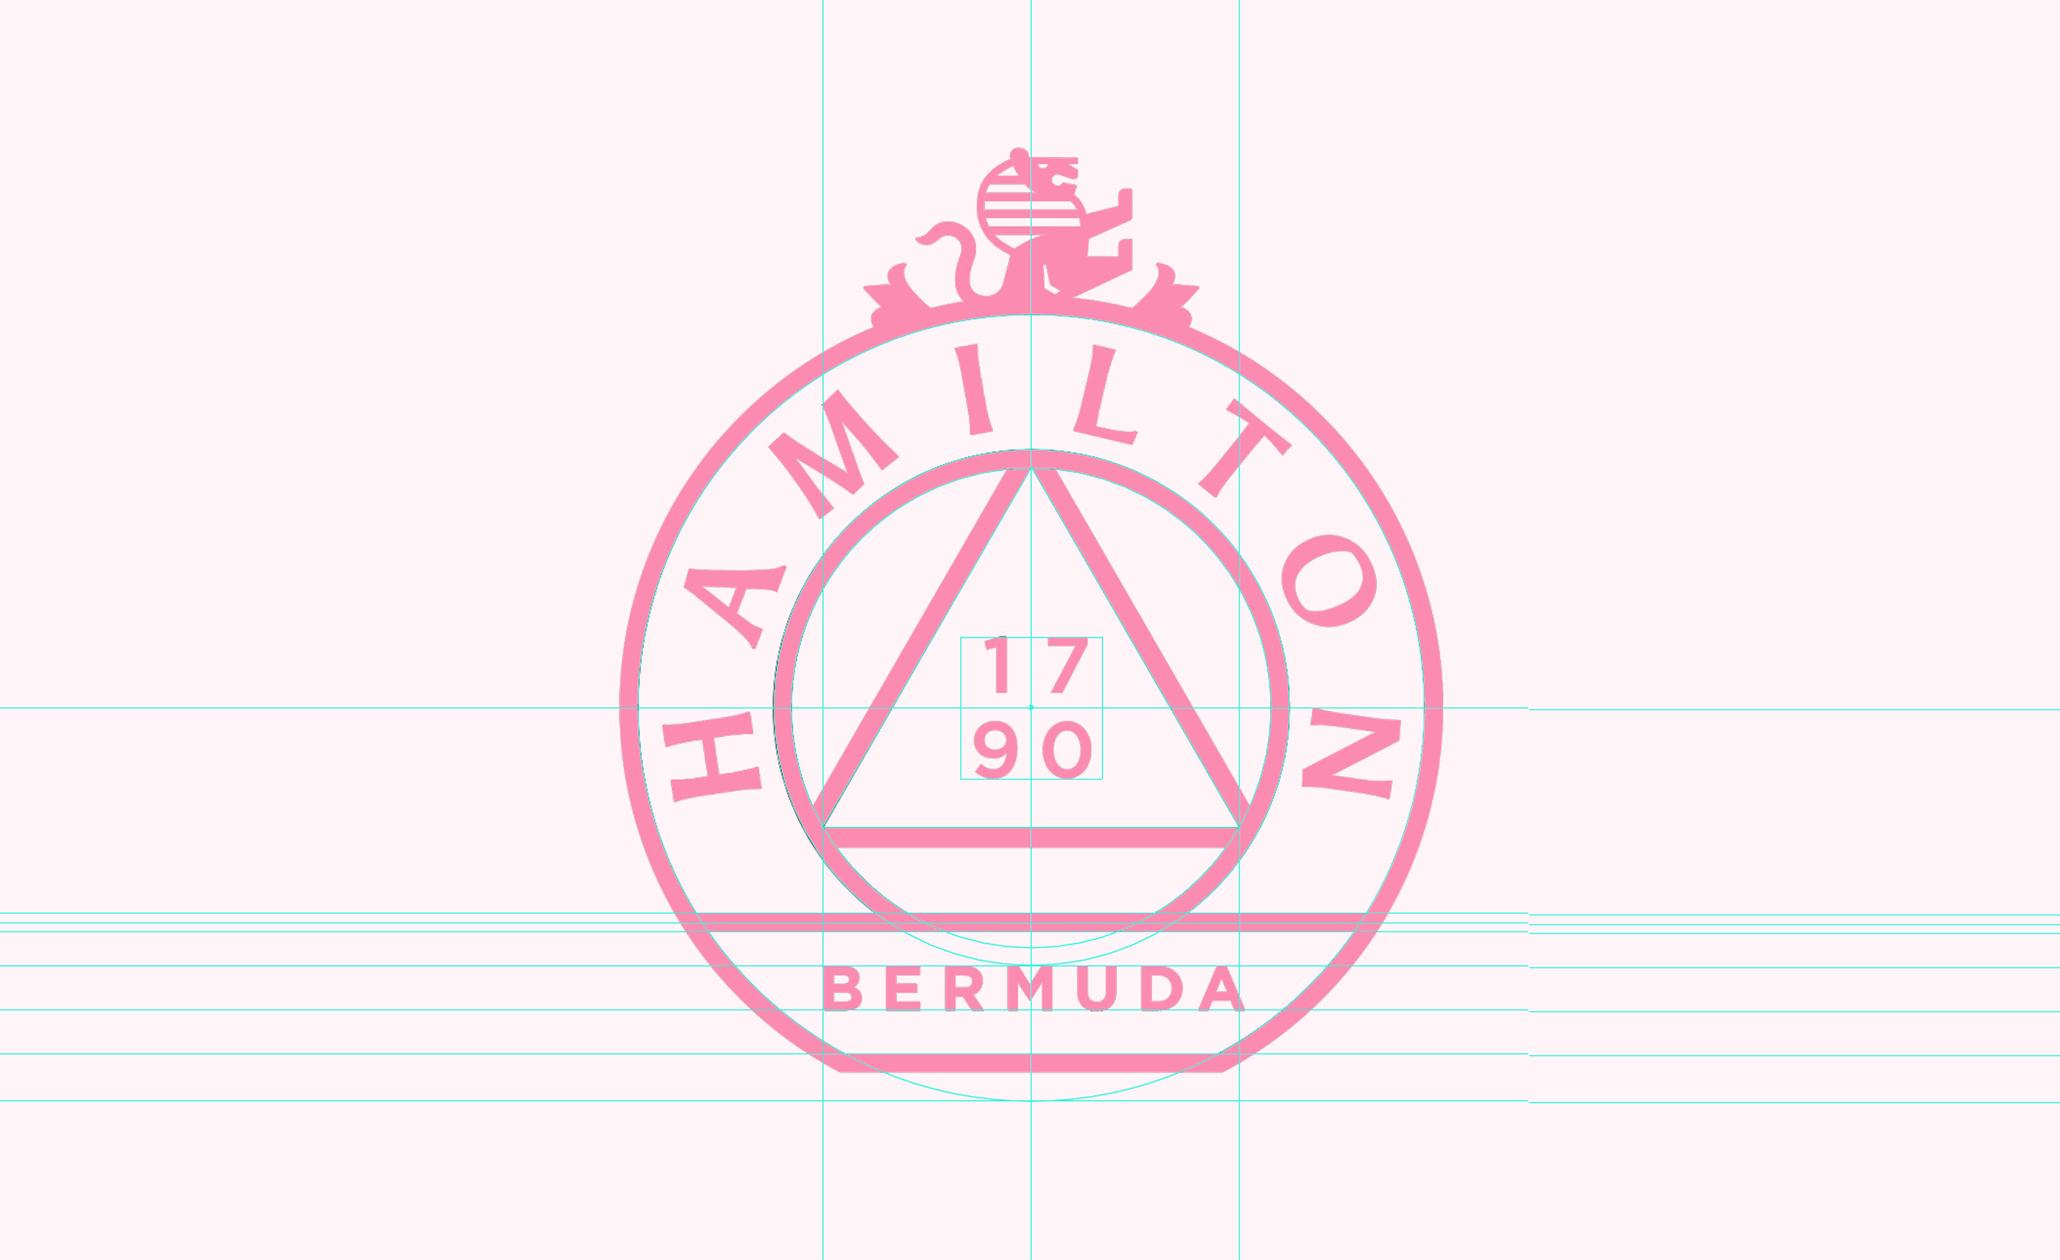 Bermuda-006.jpg